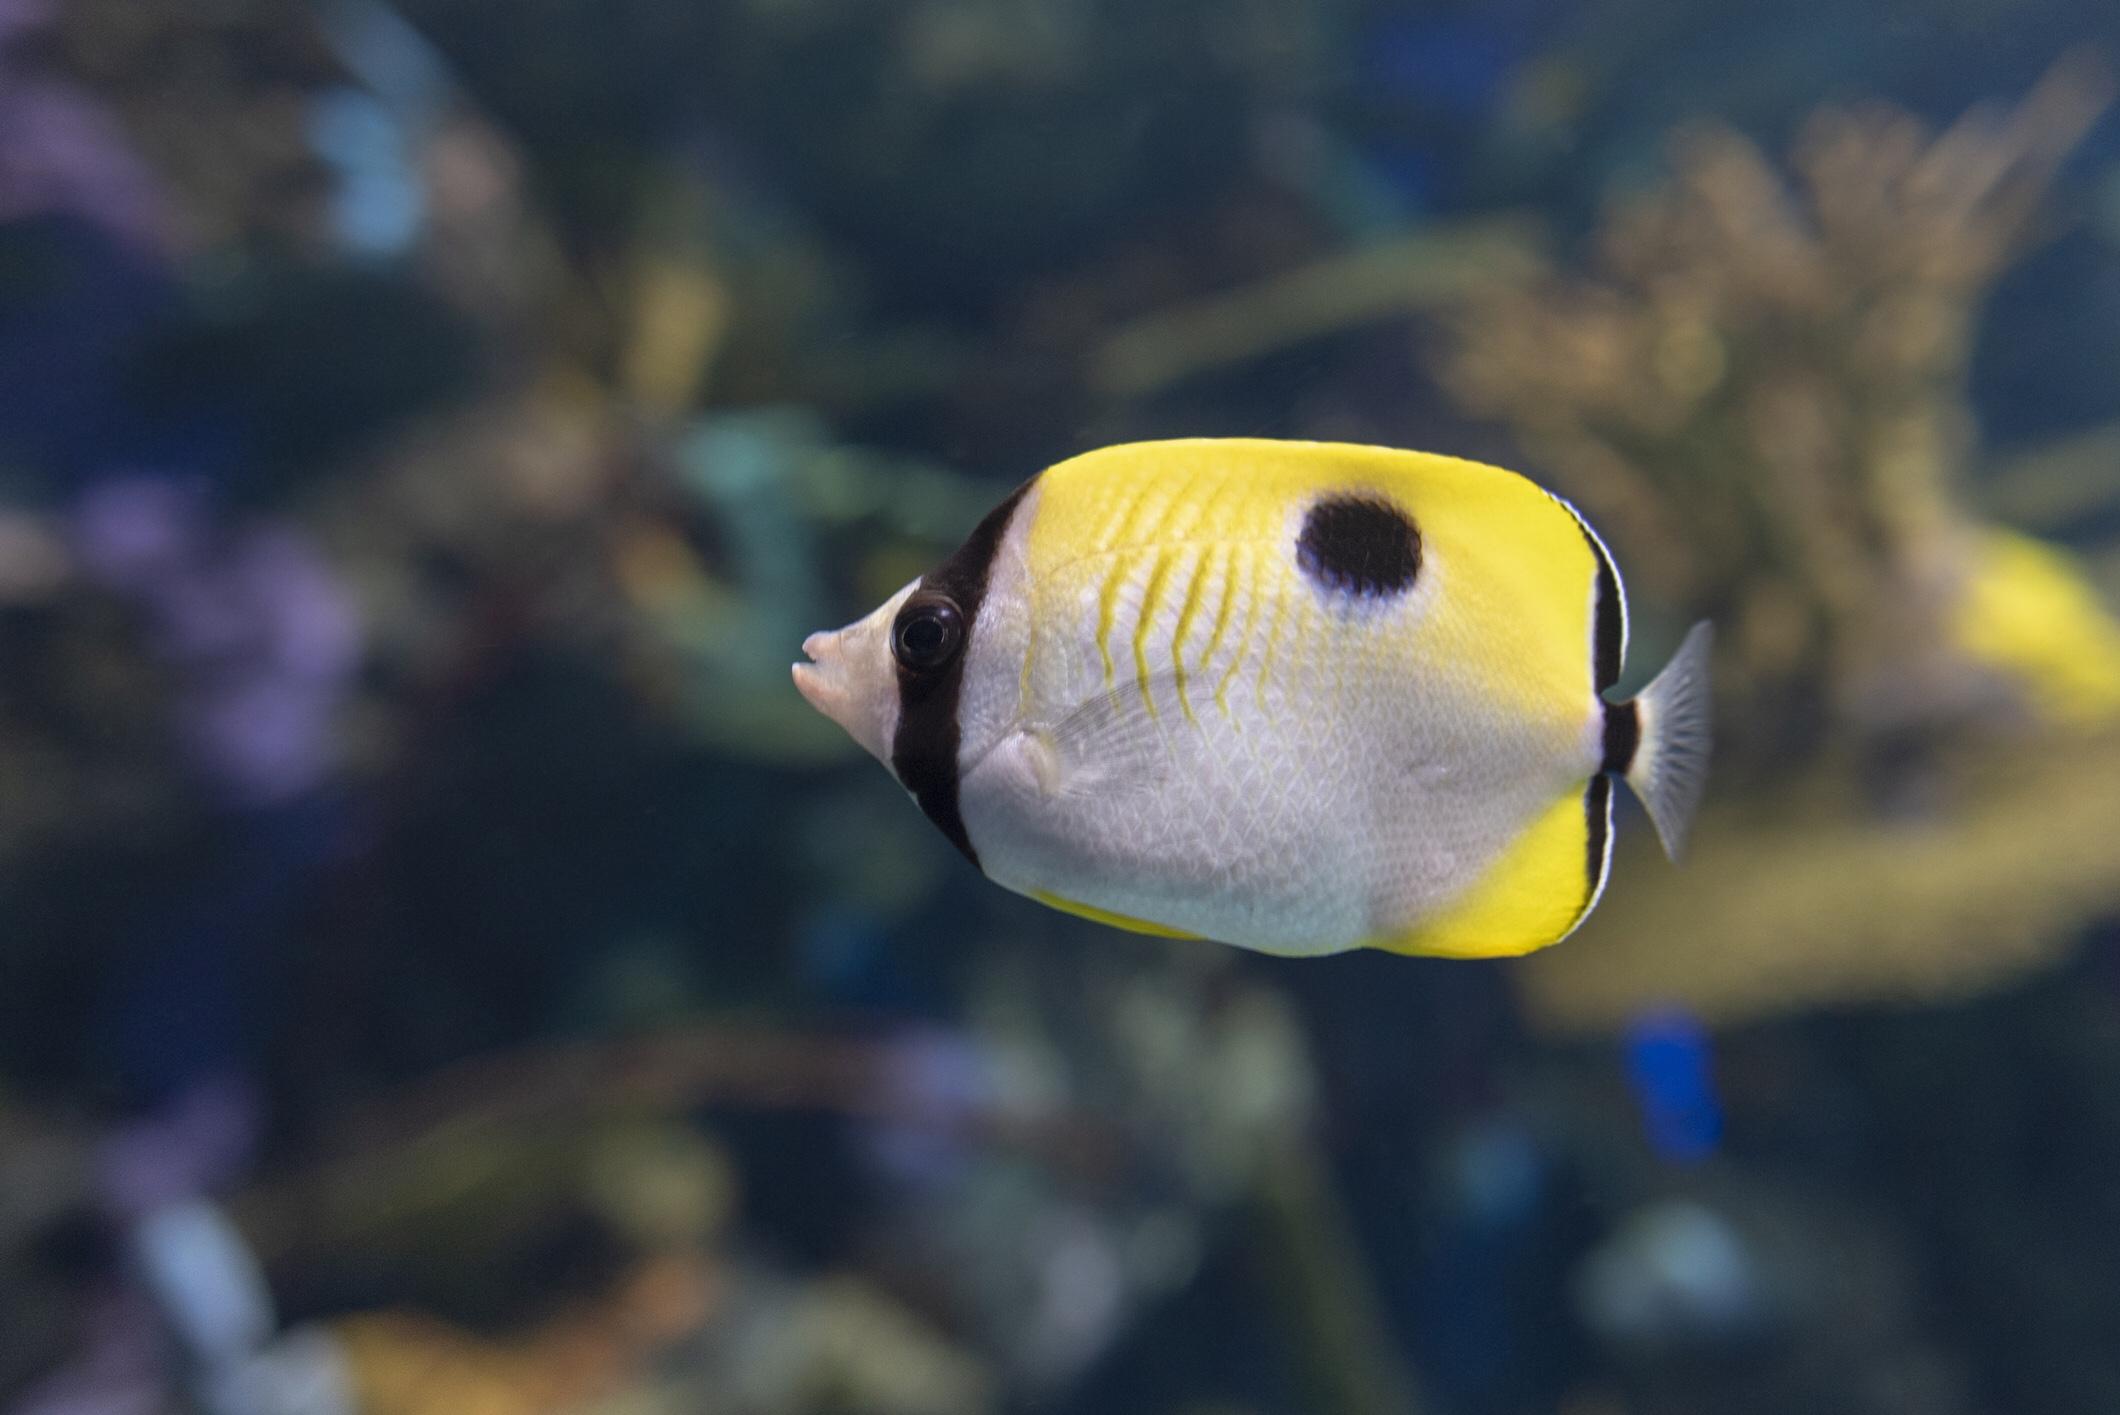 Teardrop butterflyfish, iStock